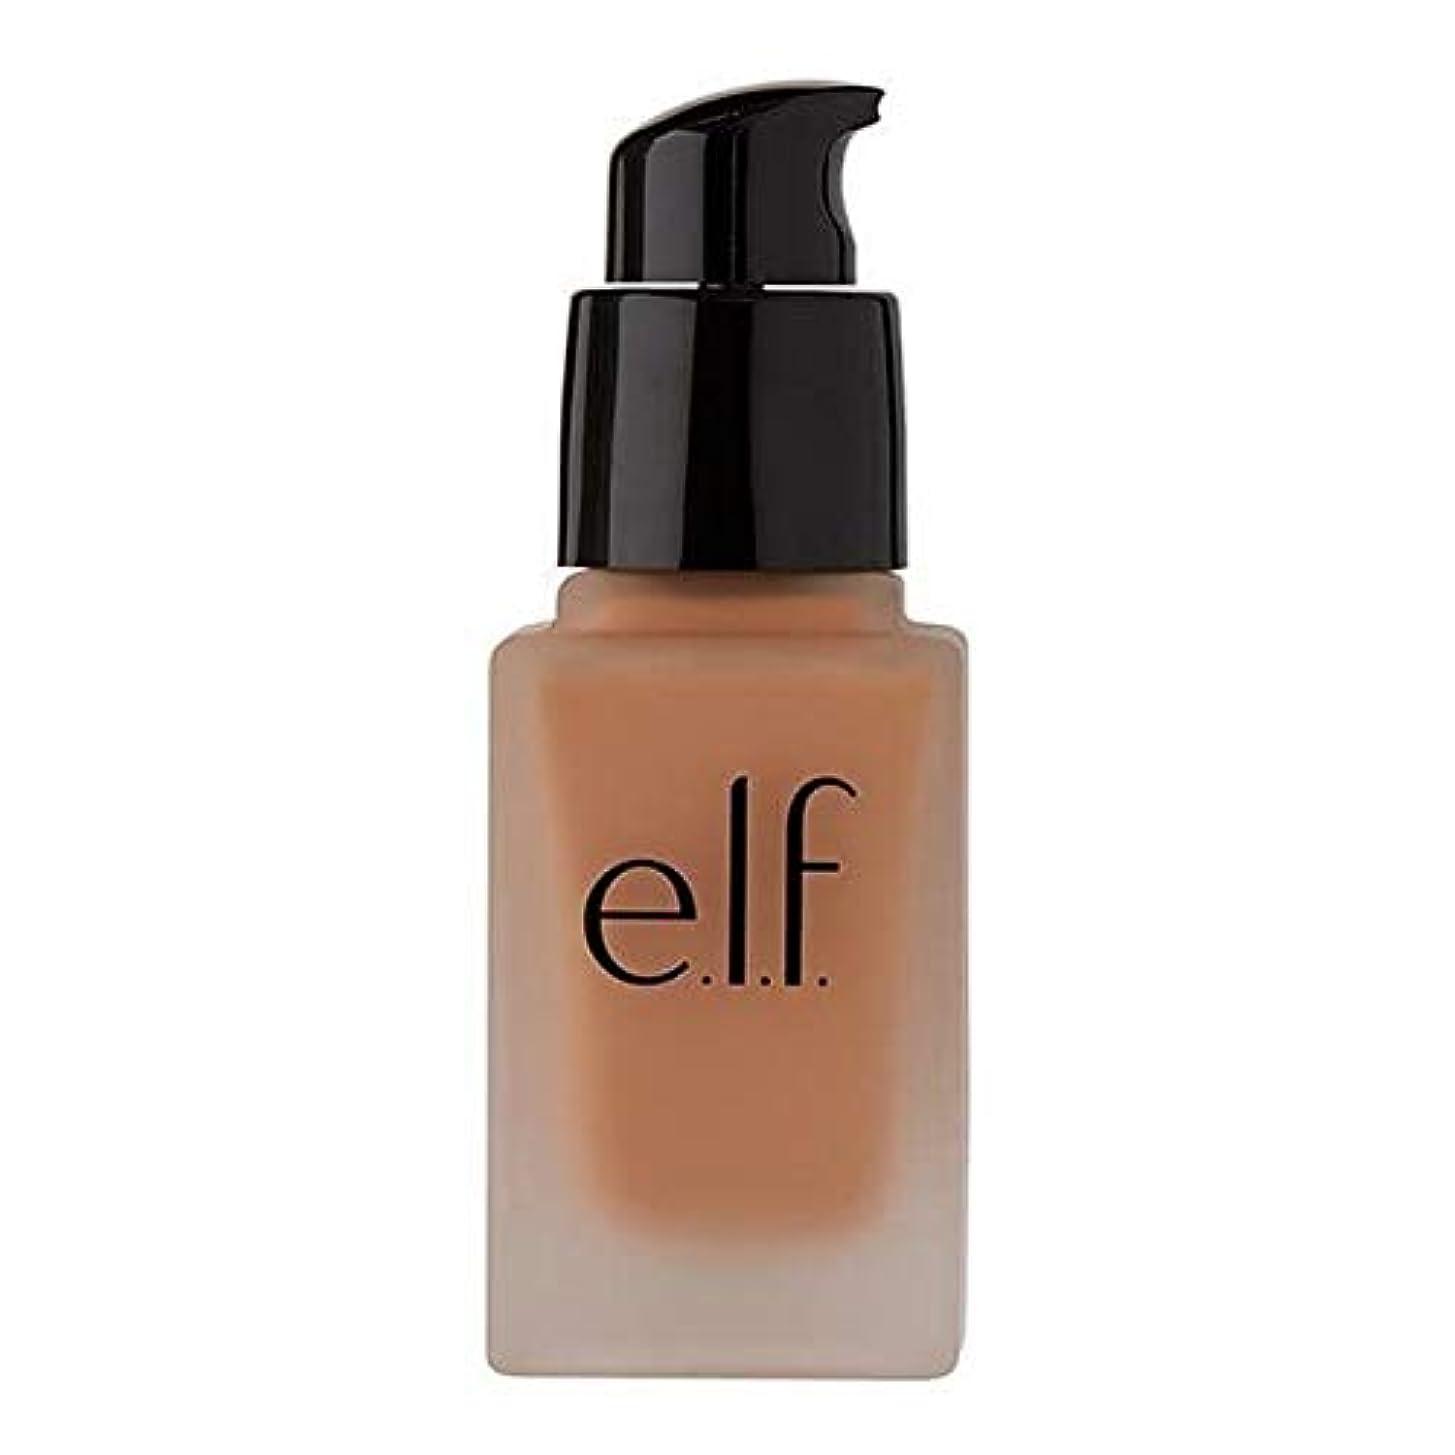 愛人信者召喚する[Elf ] エルフ。完璧な仕上がりのファンデーションSpf 15キャラメル - e.l.f. Flawless Finish Foundation SPF 15 Caramel [並行輸入品]